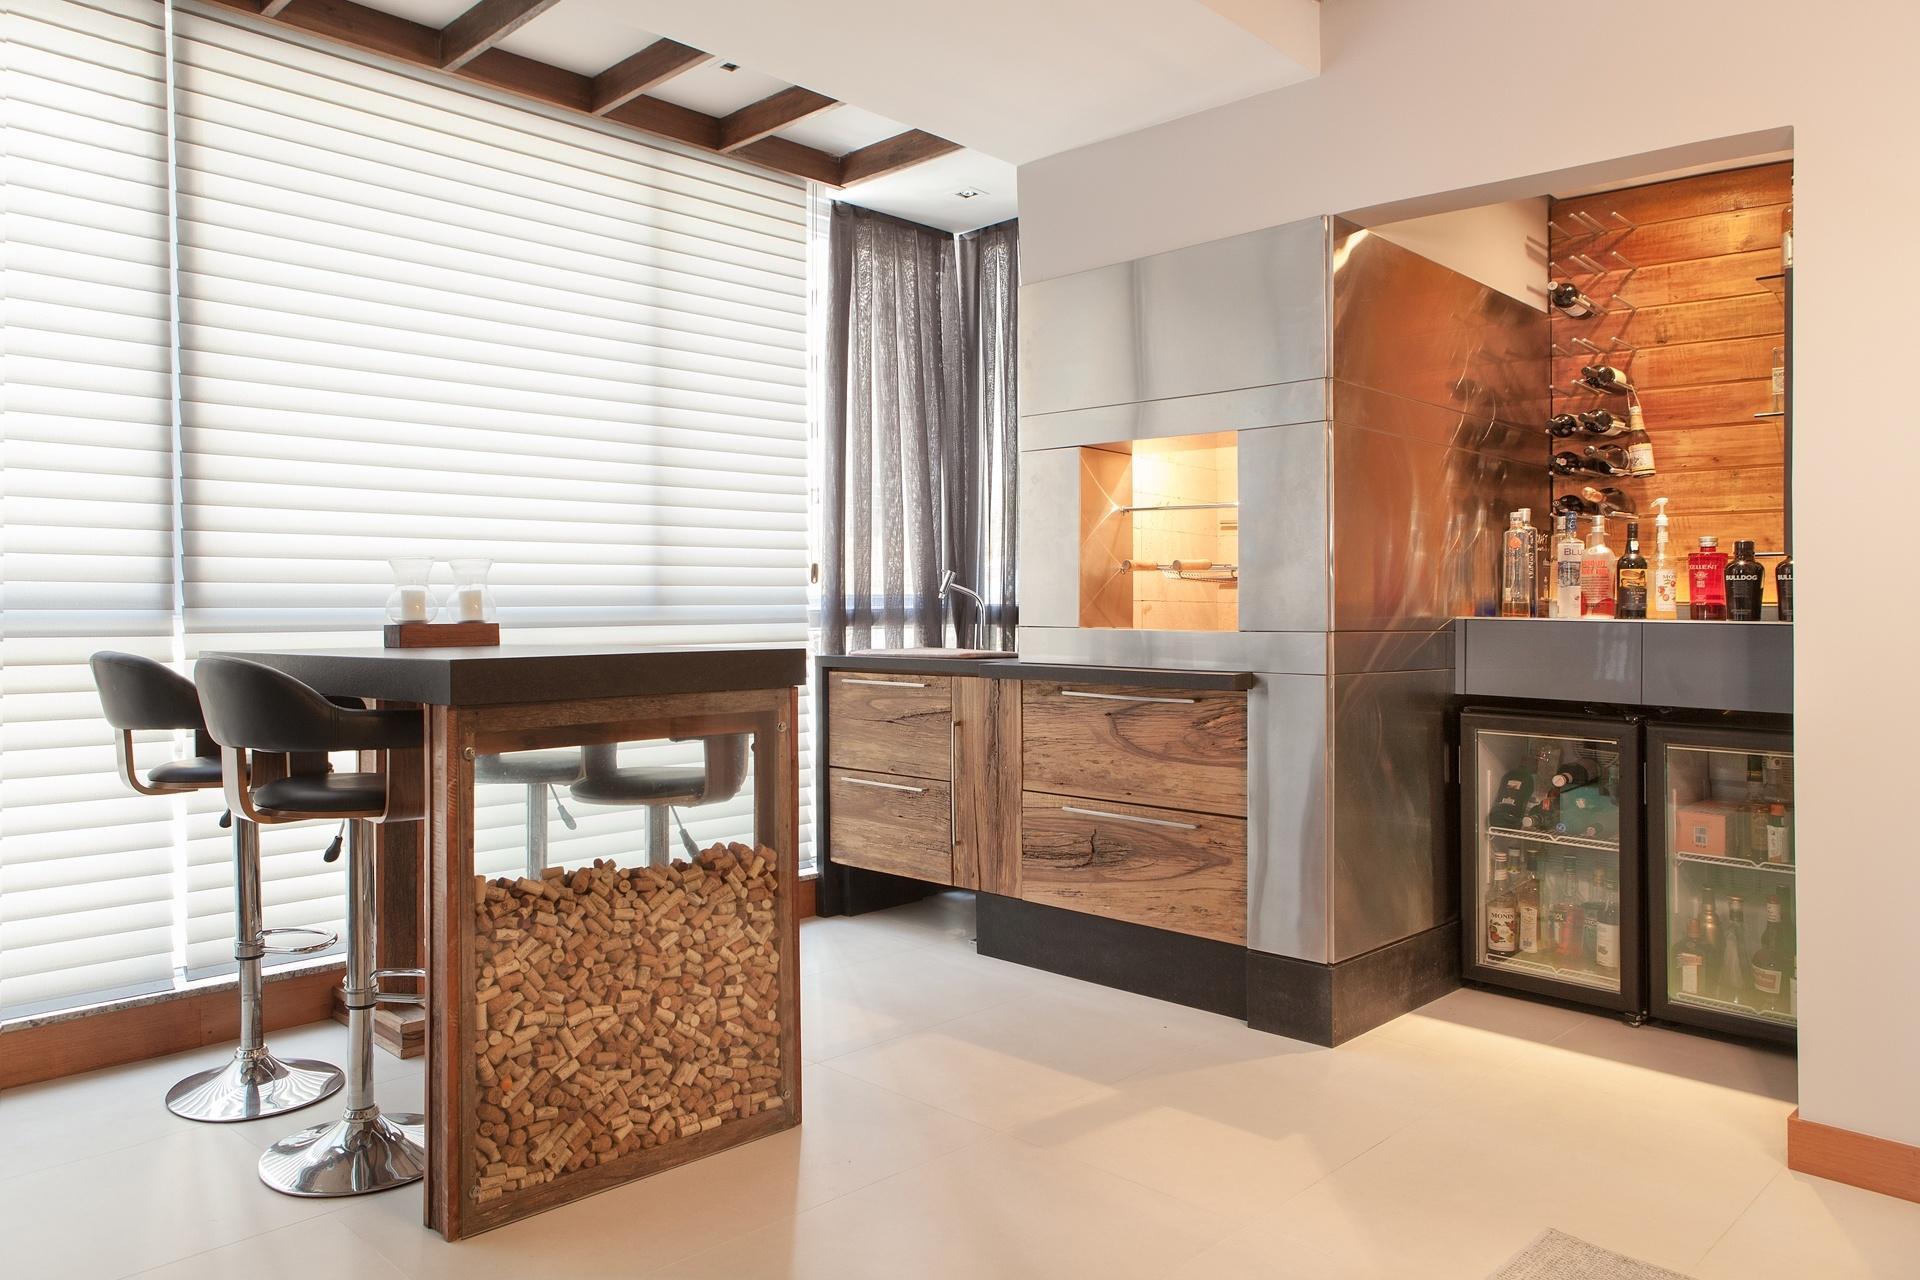 Na sacada, a marcenaria rústica compõe com o aço inox da churrasqueira. O nicho revestido de madeira de demolição acomoda a adega e um pequeno bar. O O Apartamento em Floripa (SC) é projeto é de Pimont Arquitetura